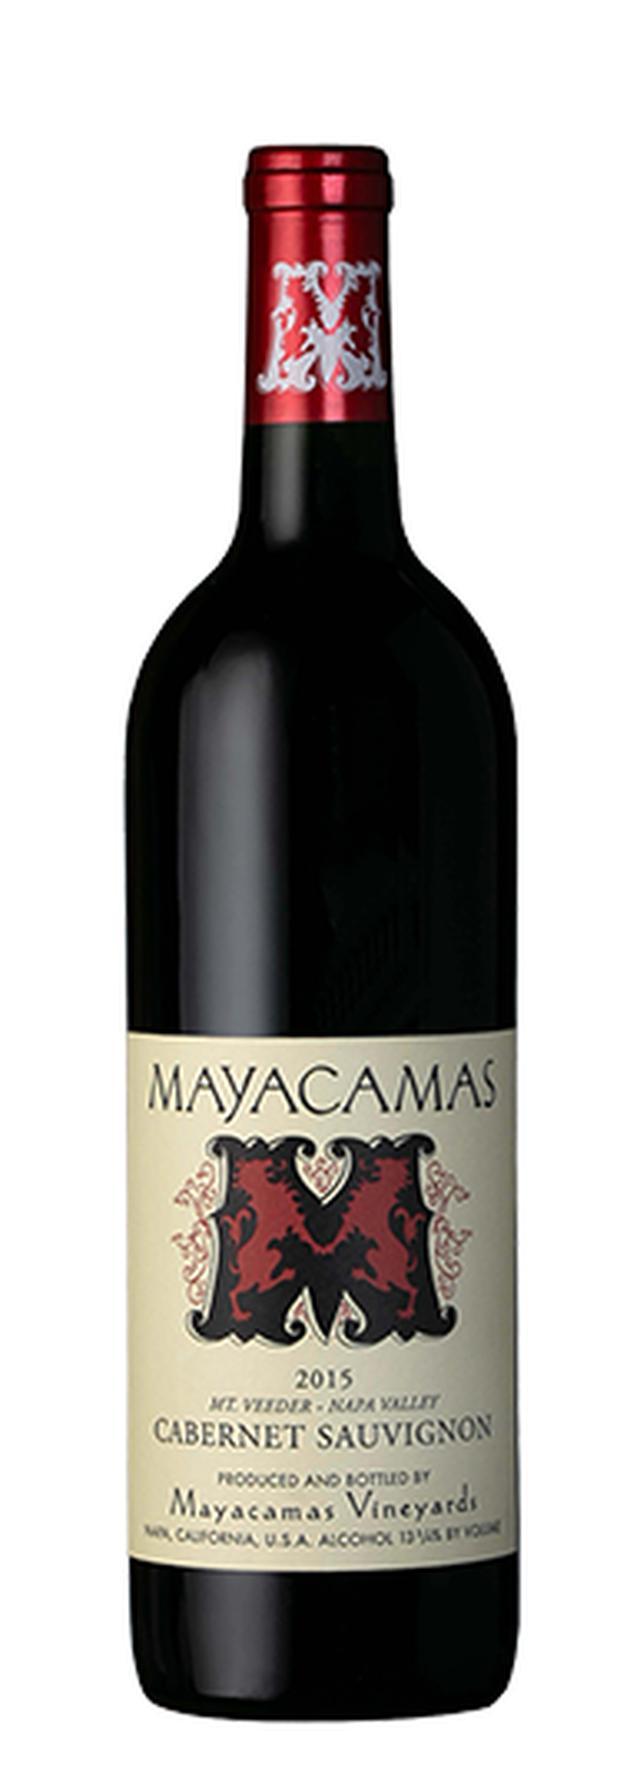 画像2: 伝統守るクラシカル・ナパ・ヴァレー『マヤカマス・ヴィンヤーズ』